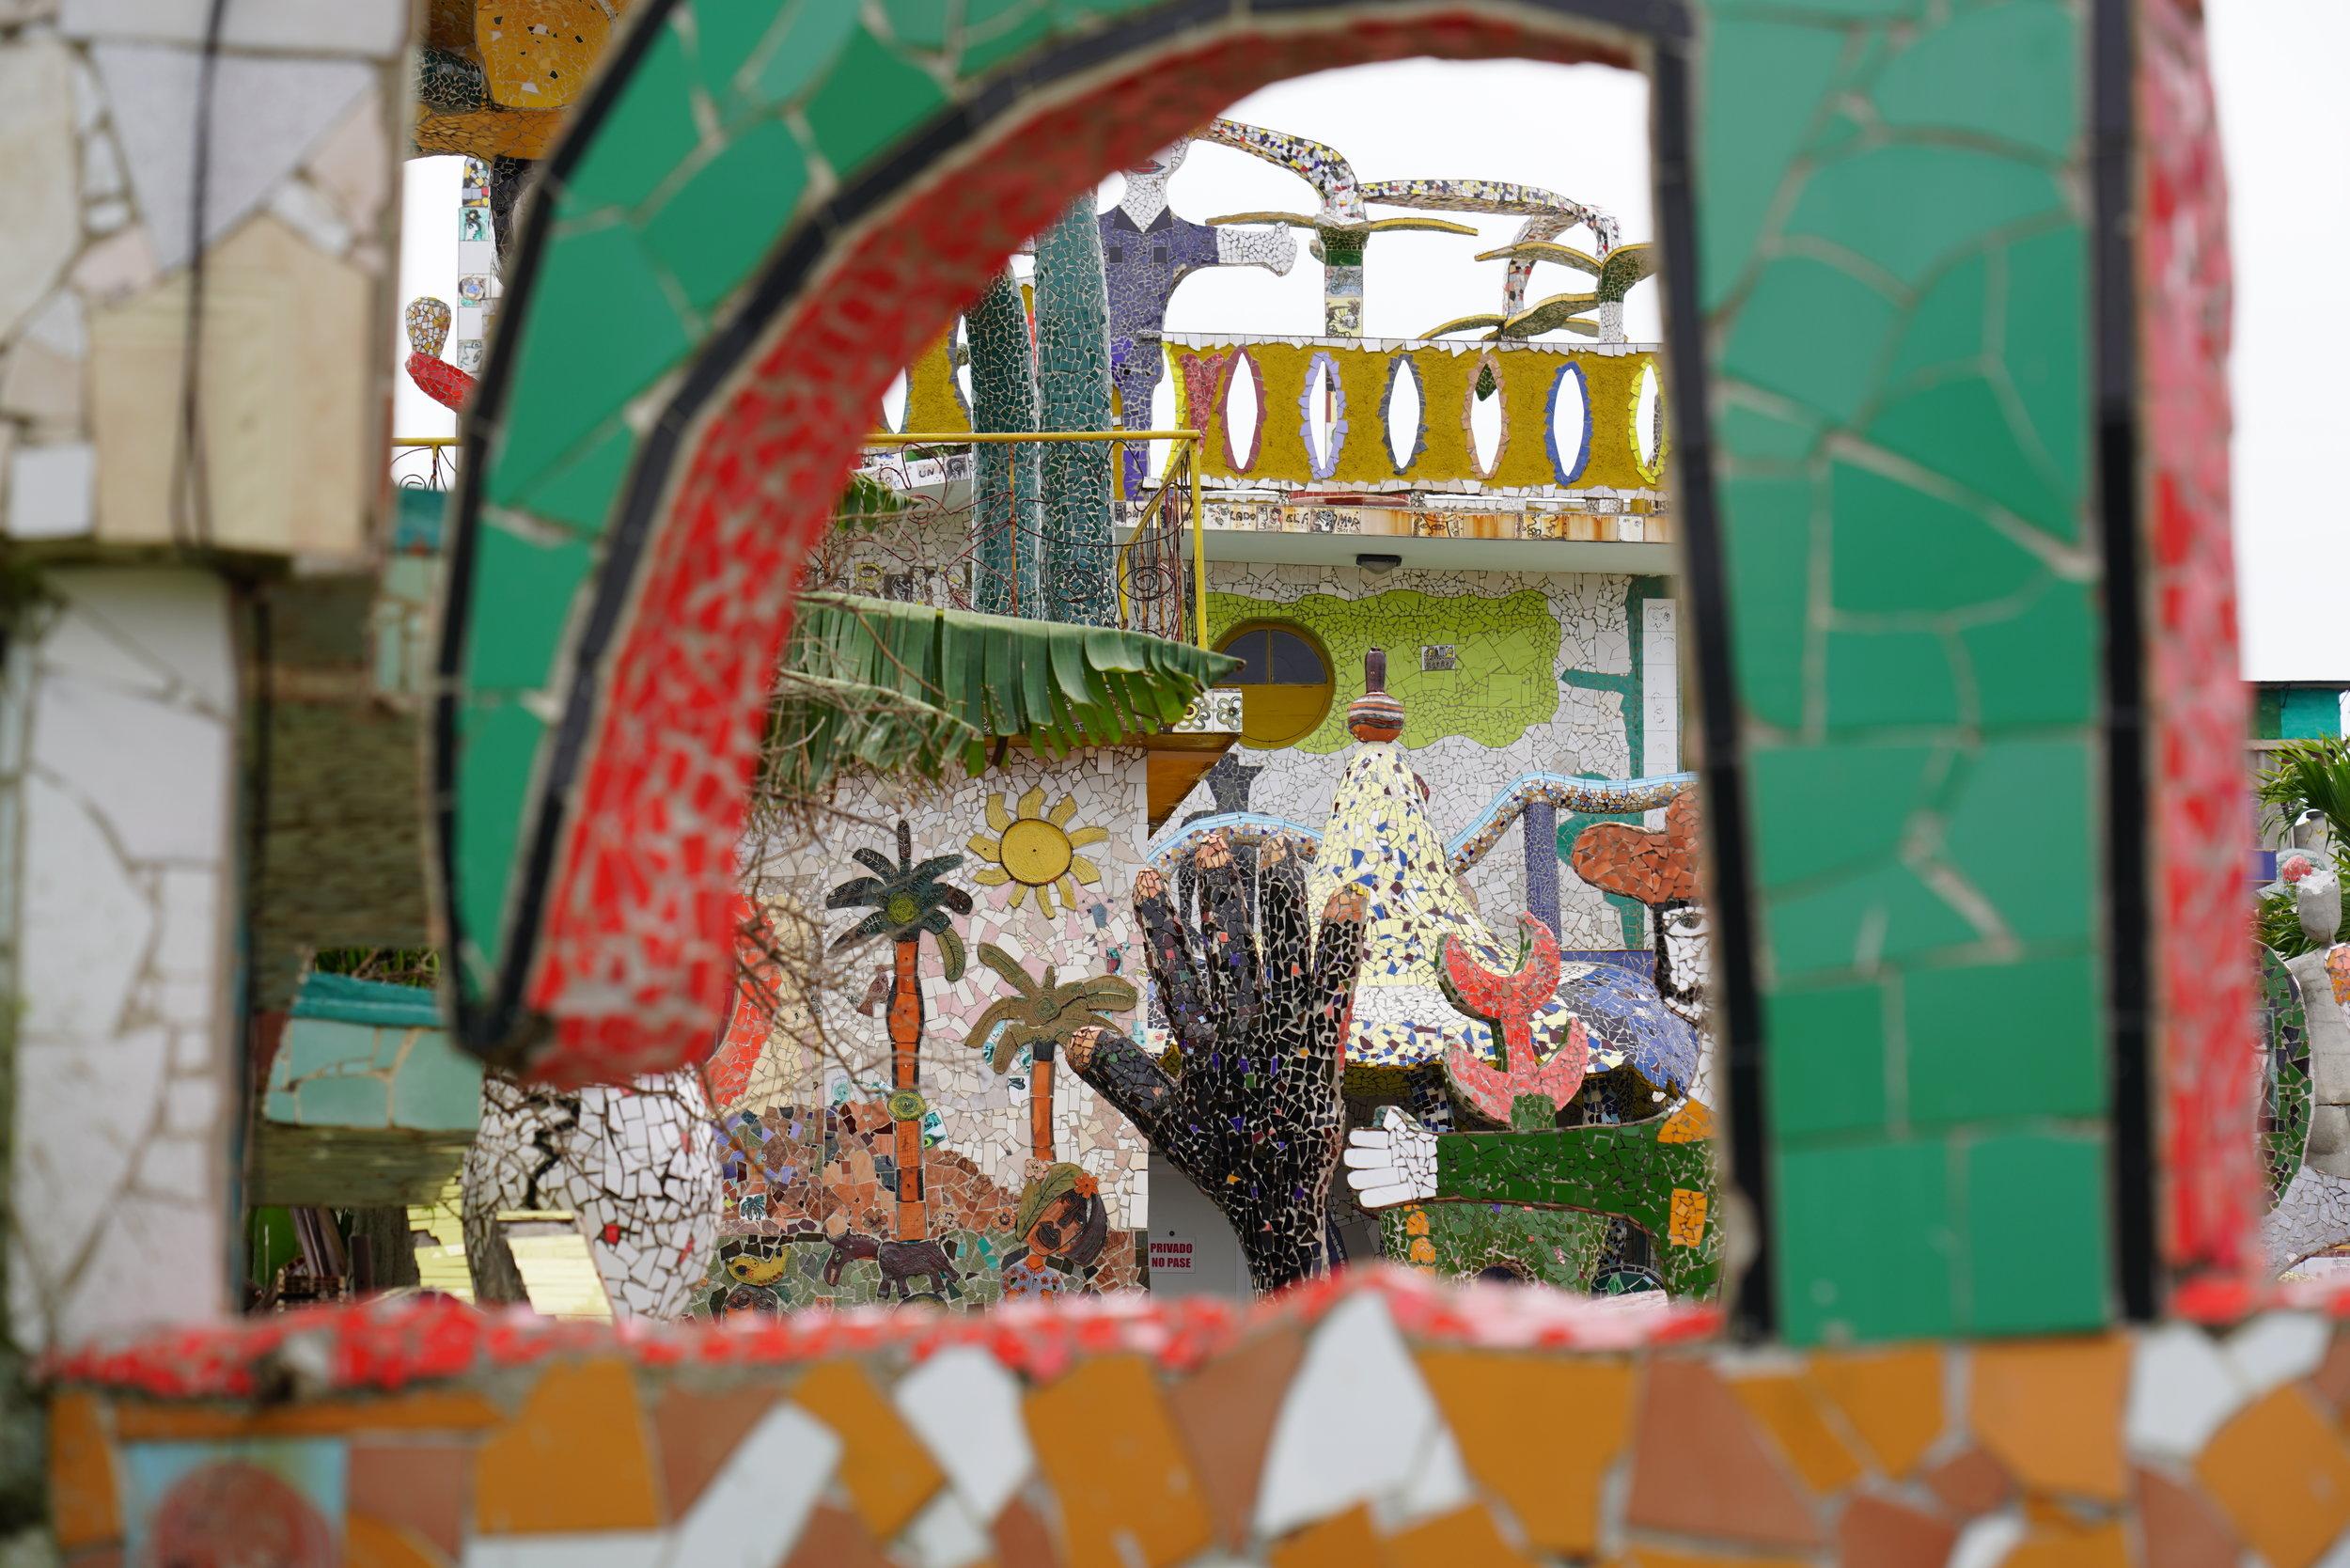 Fusterlandia José Fuster Cuba Havana Artista Cubano Manu Muniz Manunomundo